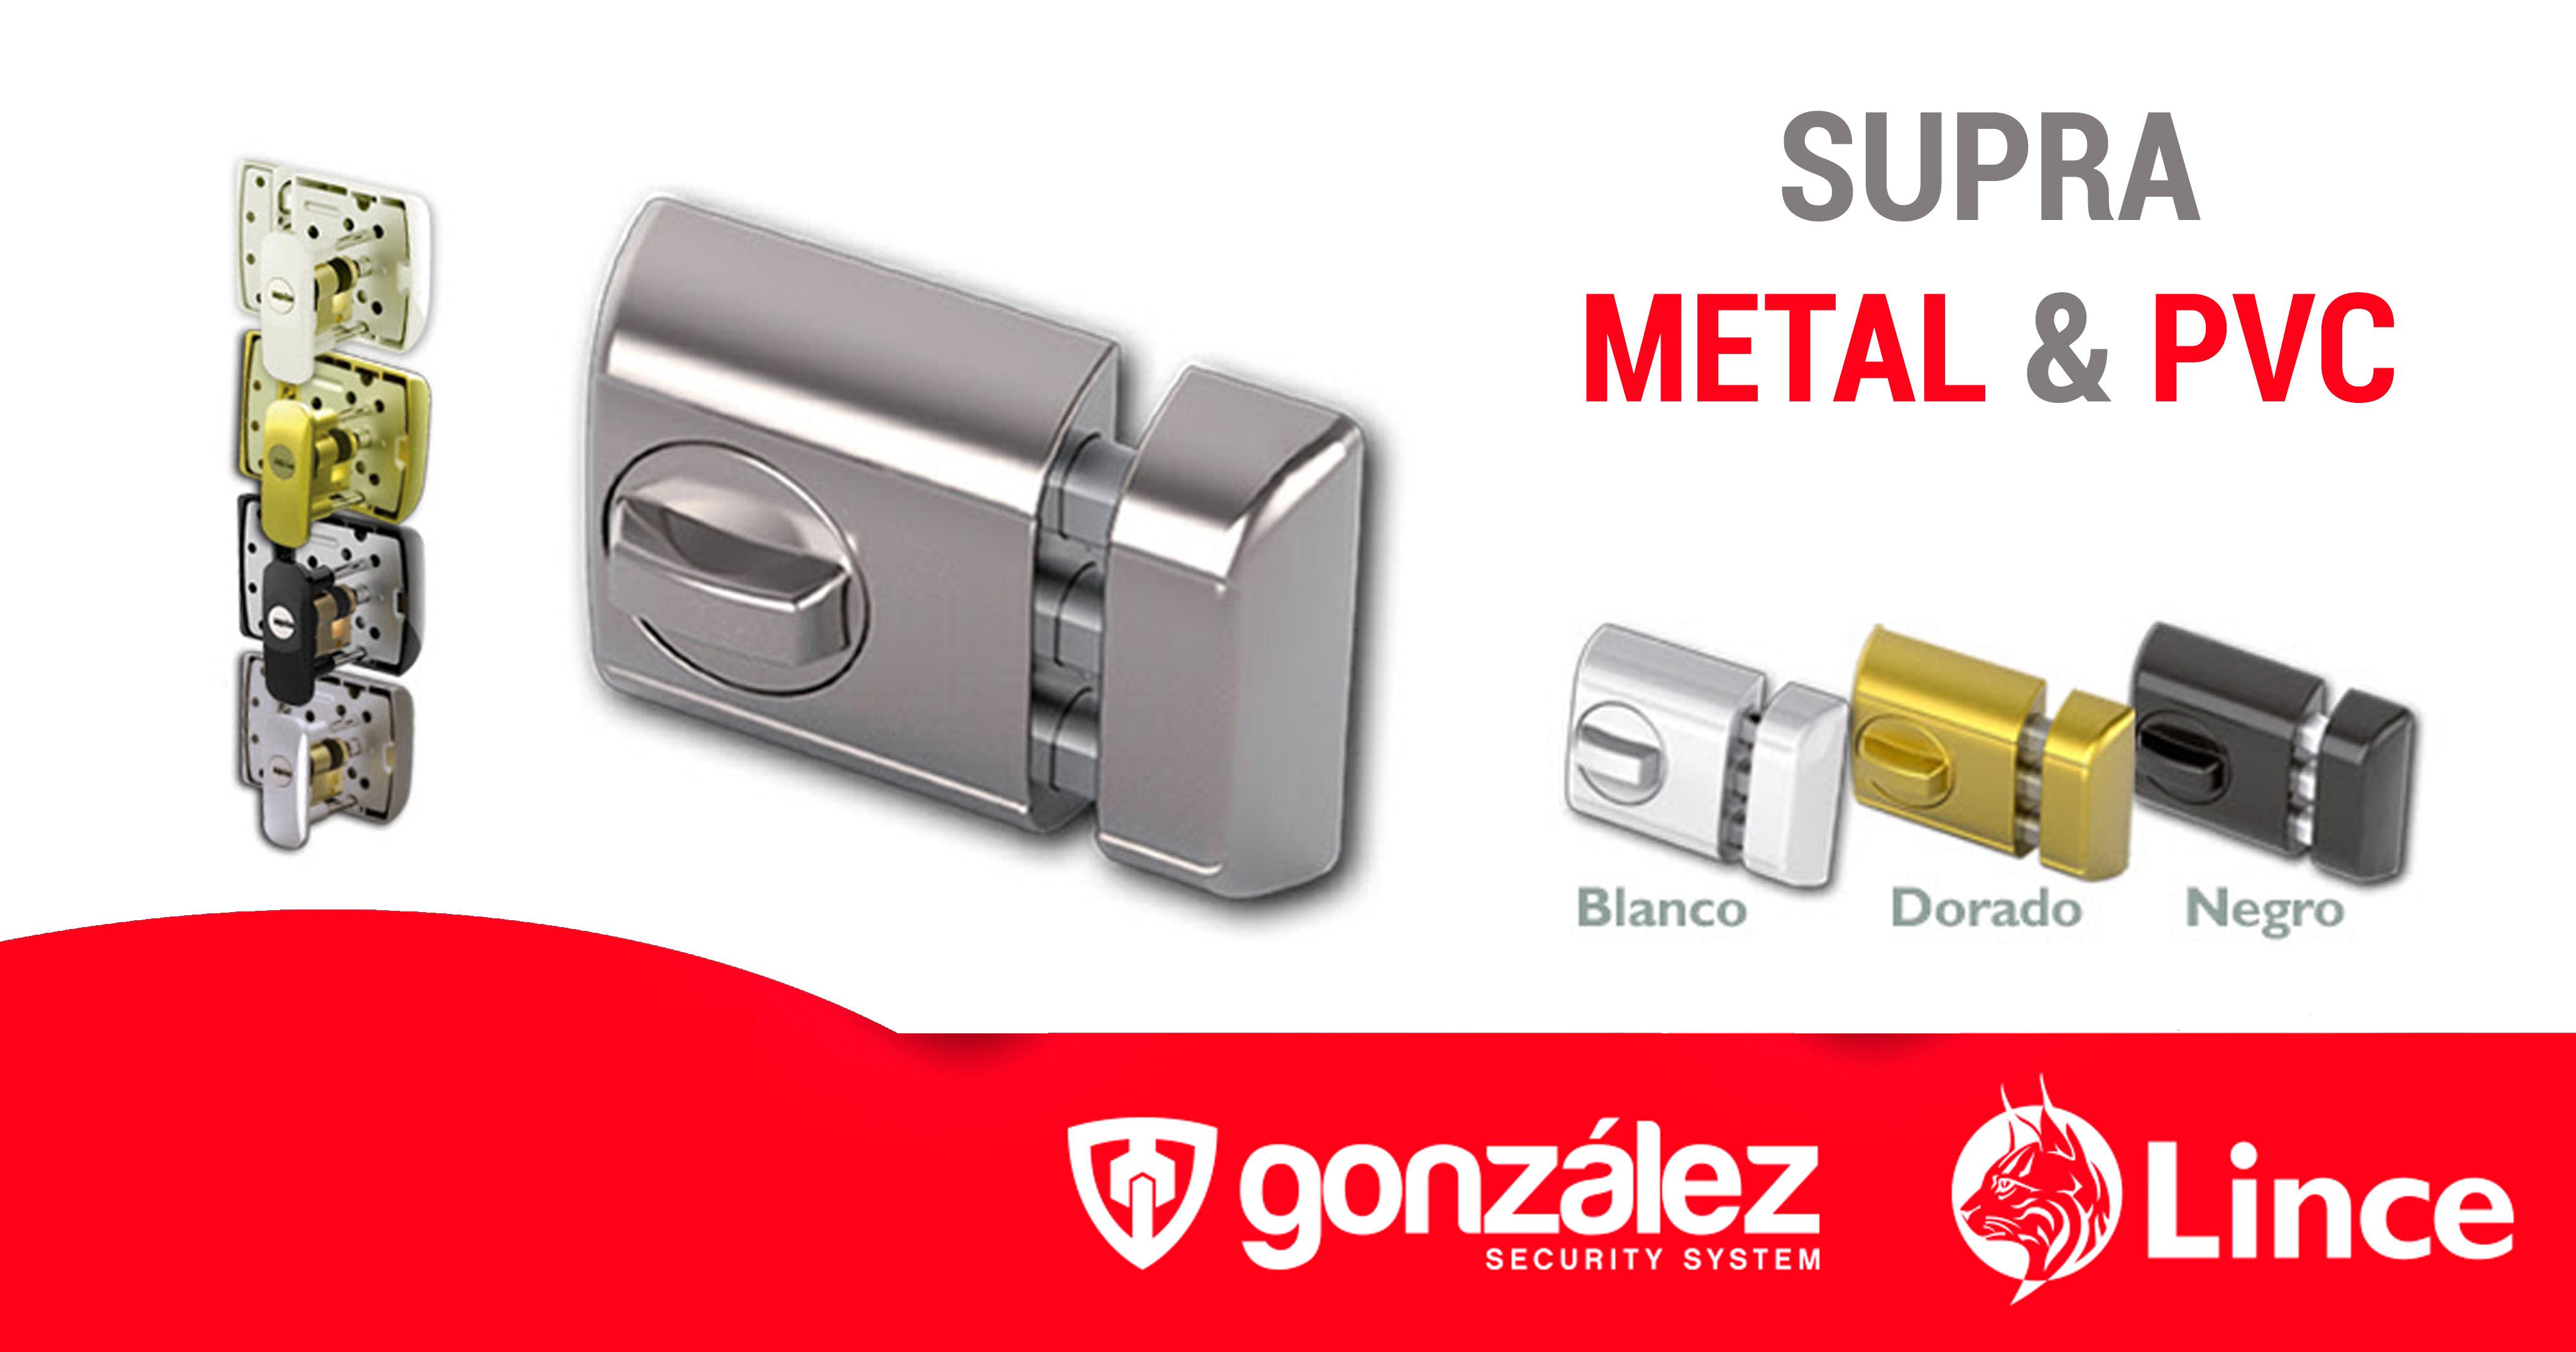 Supra Metal & Pvc, la seguridad más avanzada para puertas de aluminio y pvc